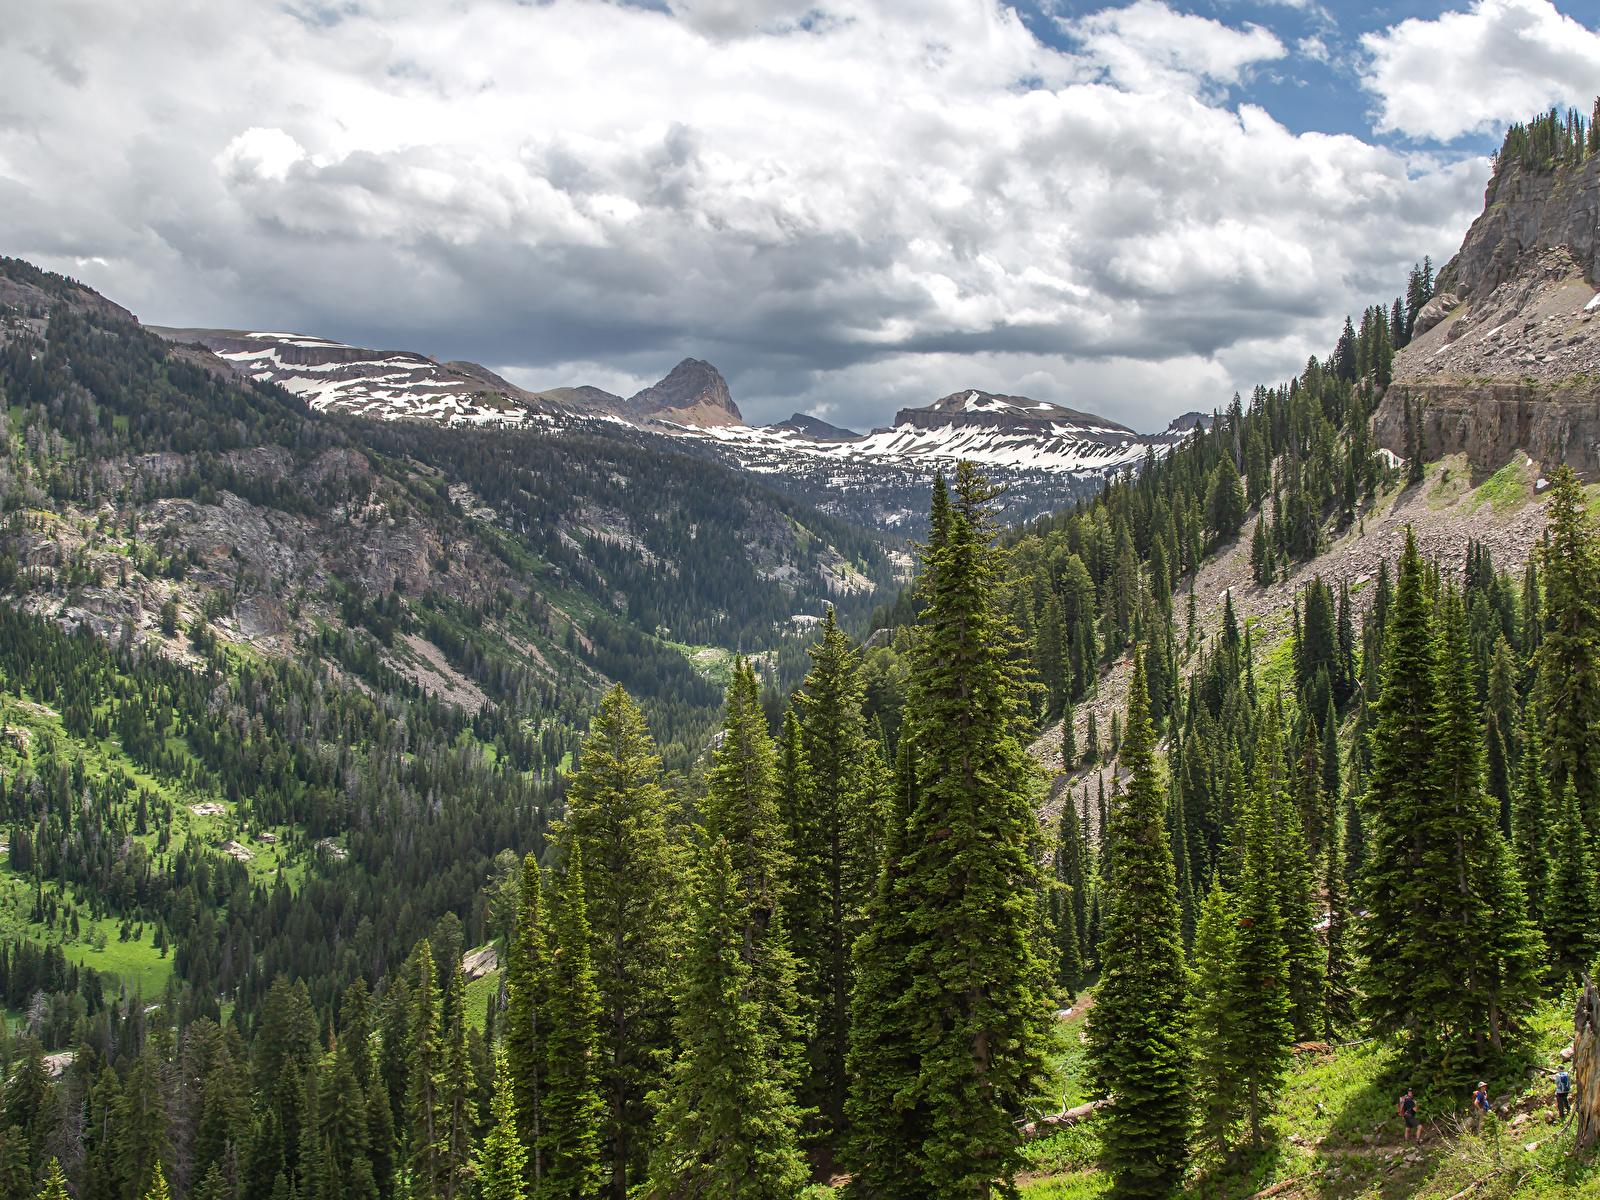 Картинка штаты Caribou-Targhee National Forest Ель Горы Природа лес 1600x1200 США ели гора Леса